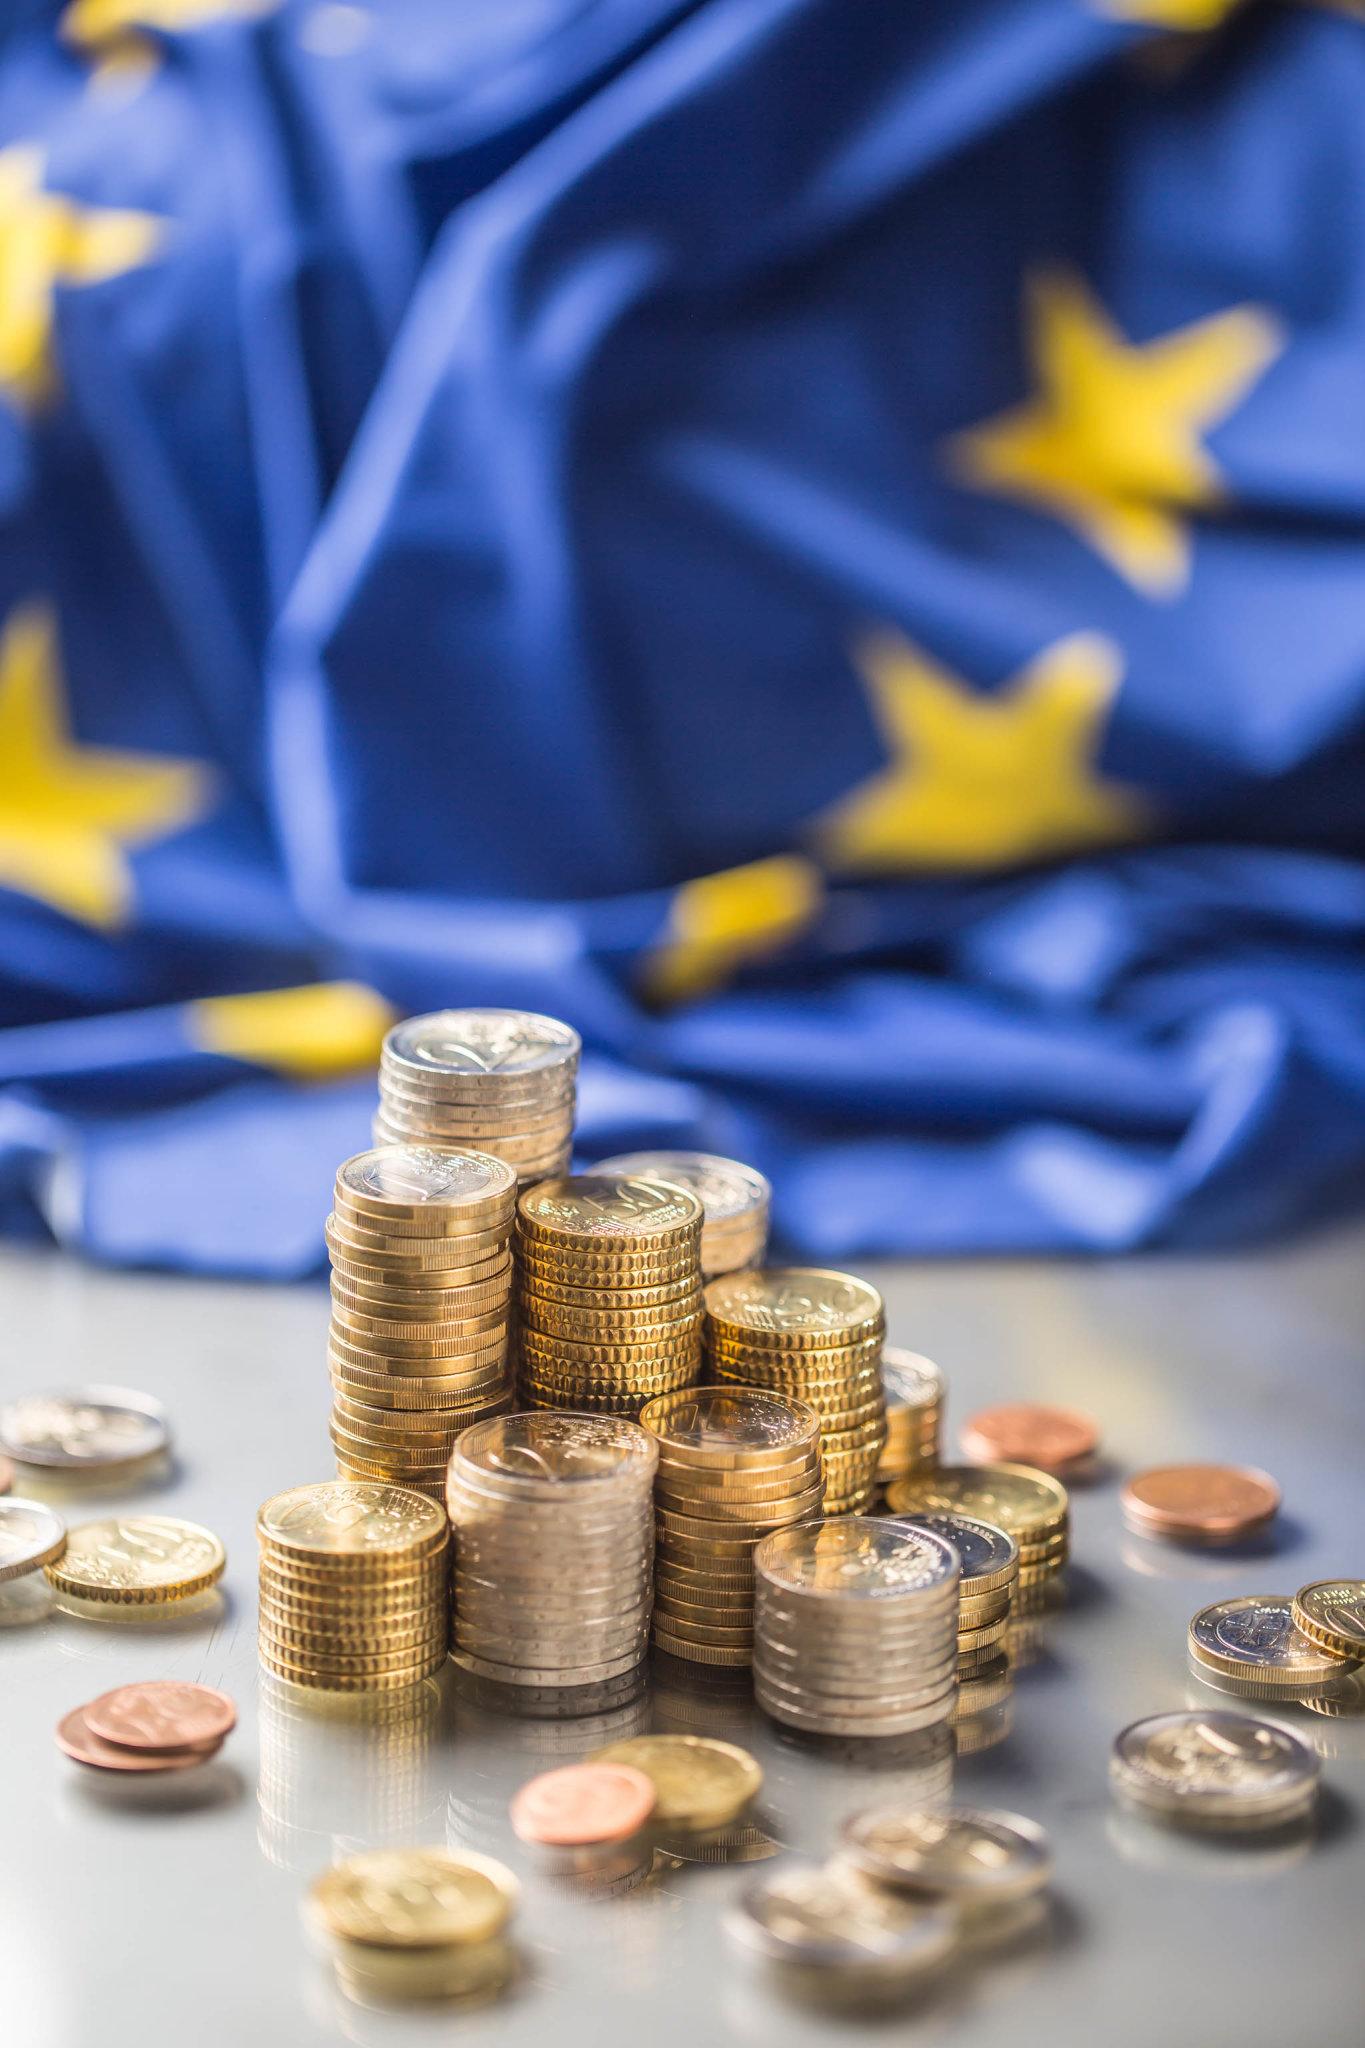 Česko by kvůli svému růstu anaopak úpadku jiných členských zemí poroce 2027 mohlo mít kdispozici o40procent méně peněz zunie než nyní. Čím je totiž země bohatší, natím menší balík peněz zEU má nárok.